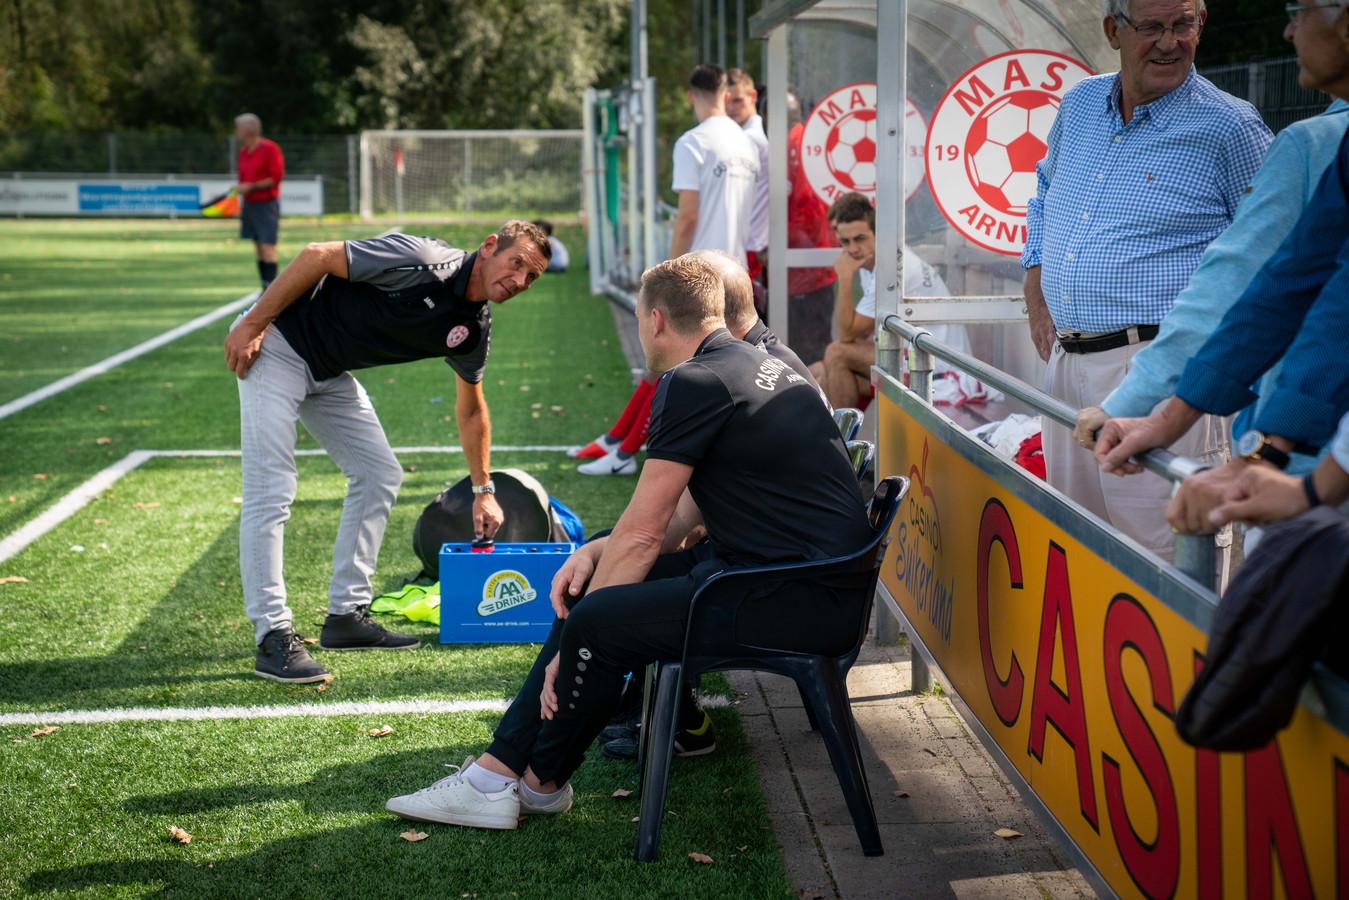 Geen Jhon van Beukering in de dug out bij MASV, de trainer vertrok deze week bij de Arnhemse derdeklasser. Marco van Zanten neemt de honneurs waar.